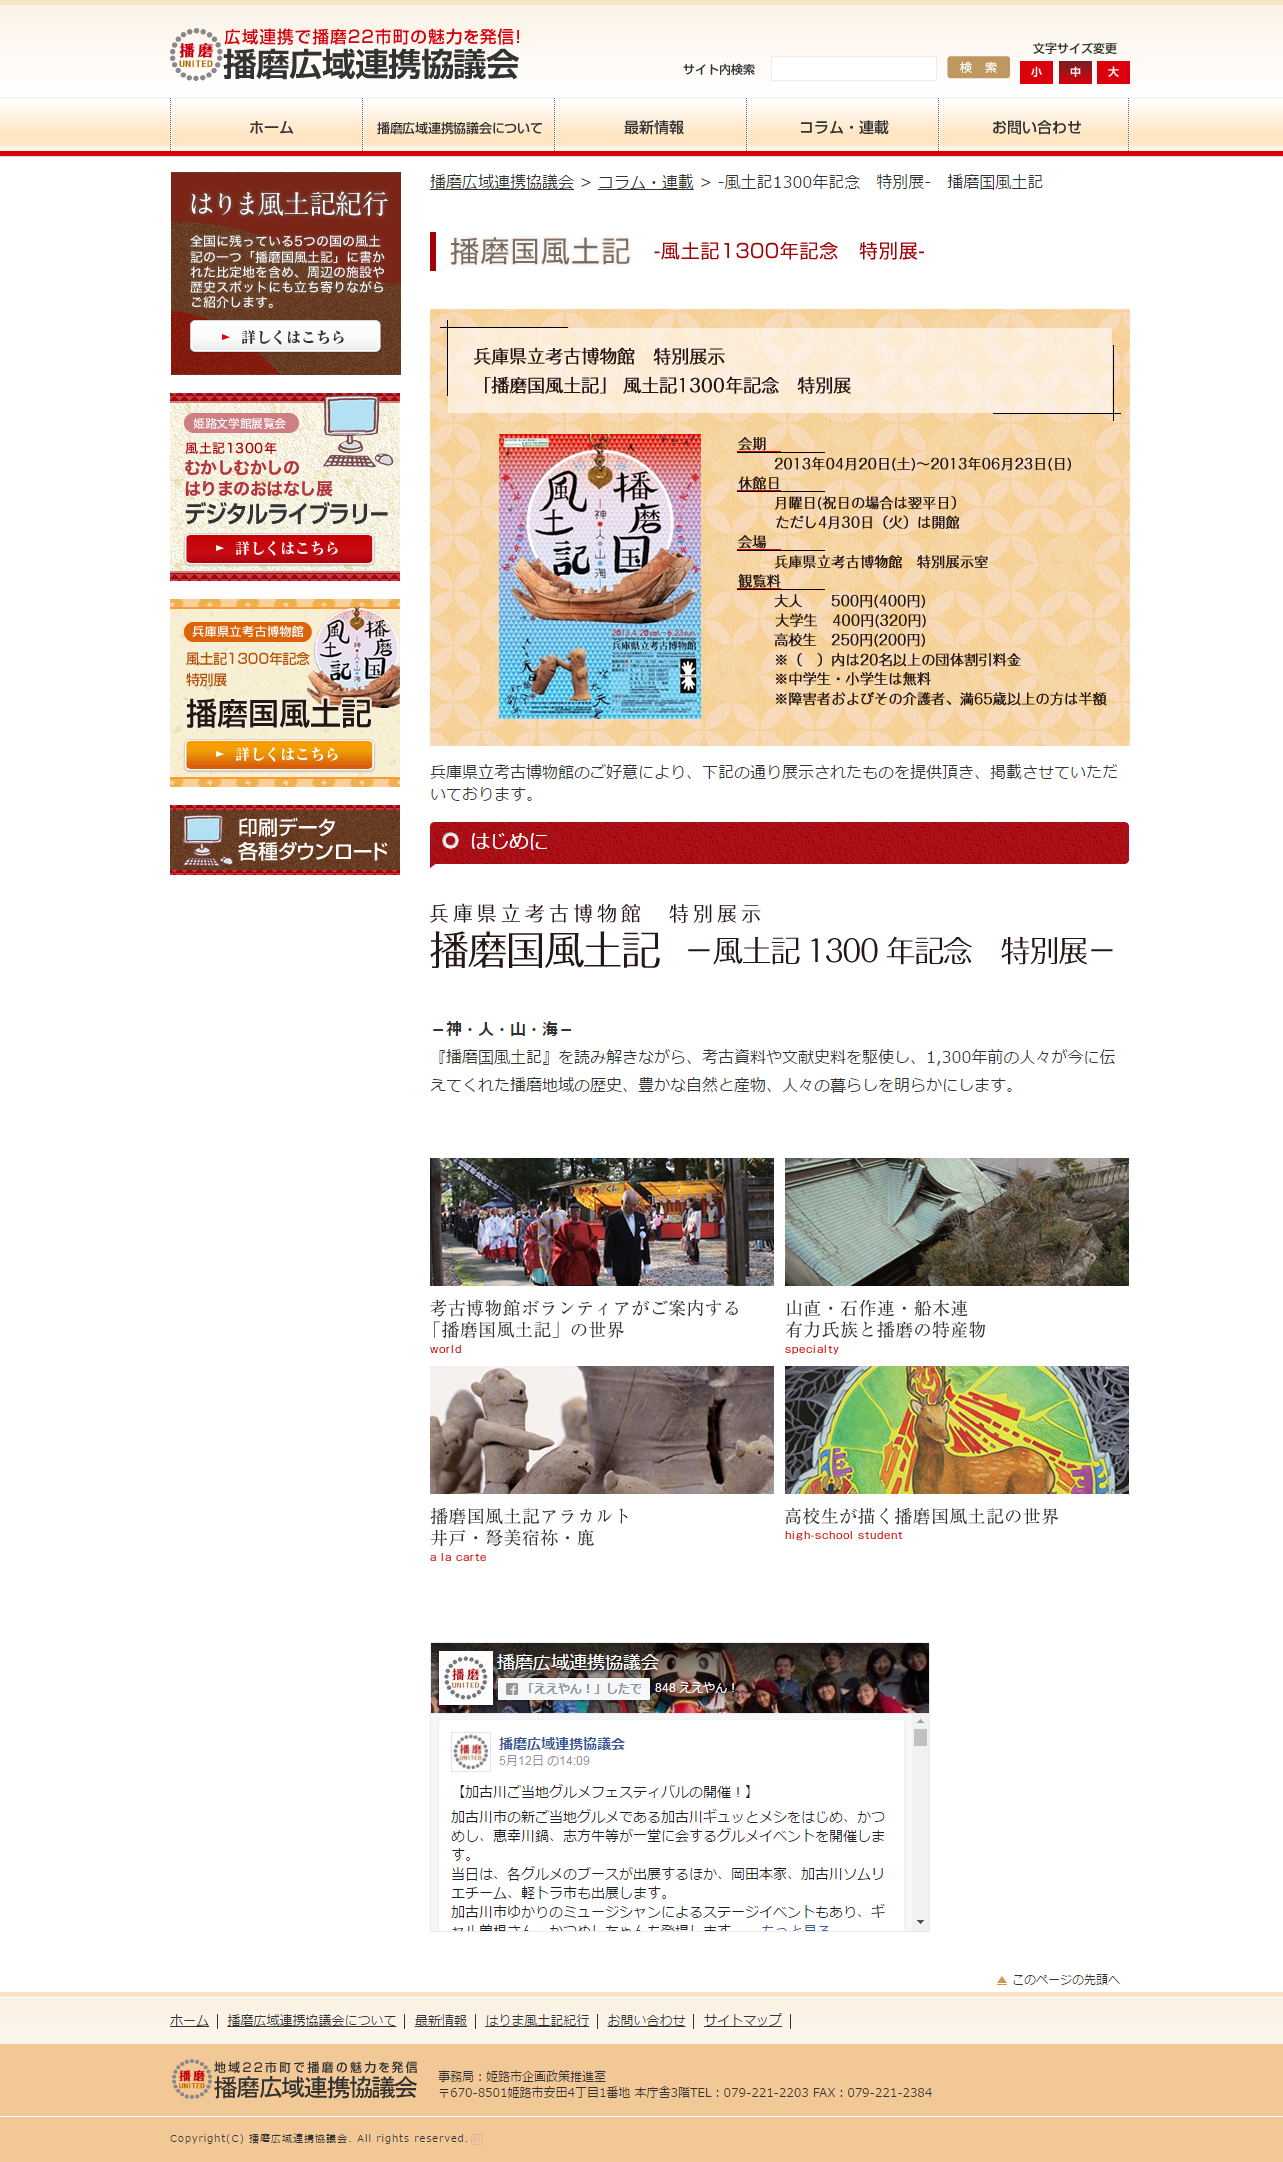 姫路市 播磨広域連携協議会 ホームページ制作2